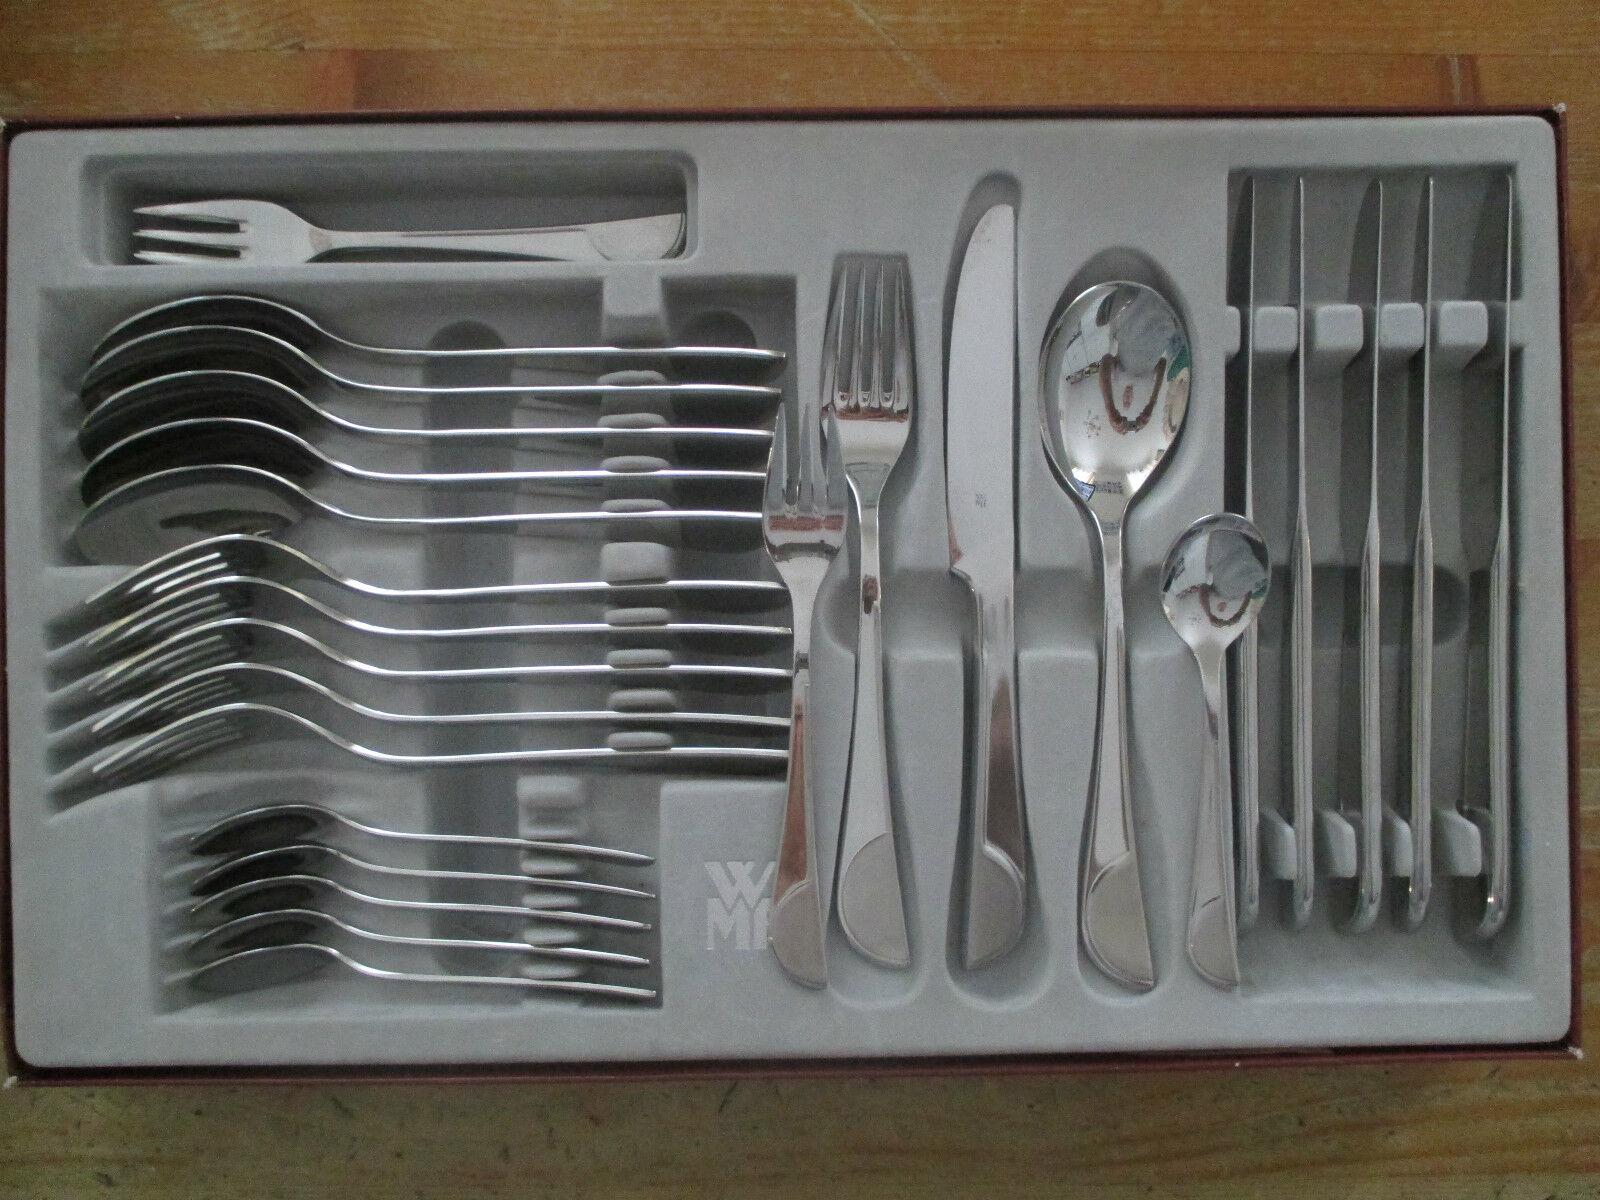 WMF Solo Cromargan 6 Personnes 30 pièces note 2 couteau cuillère fourchette cuillères